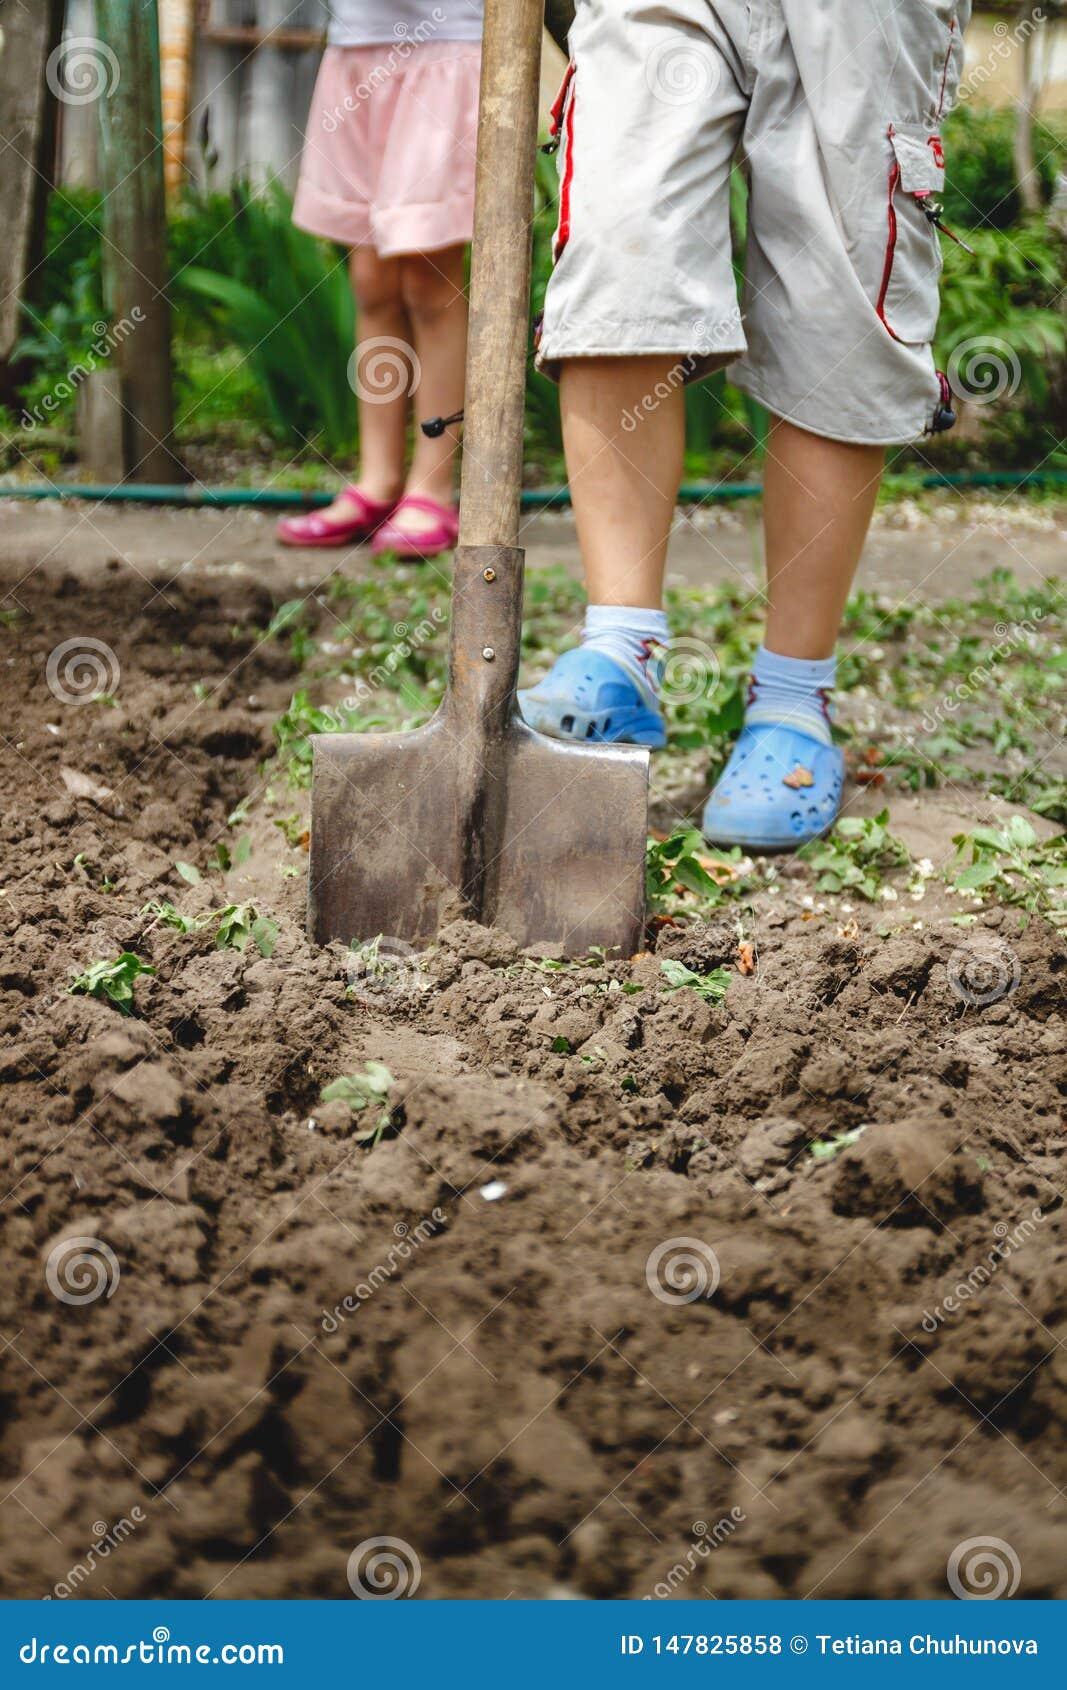 Il ragazzo sta scavando un orto con una grande pala Il concetto degli adulti d aiuto e lavoro dall infanzia